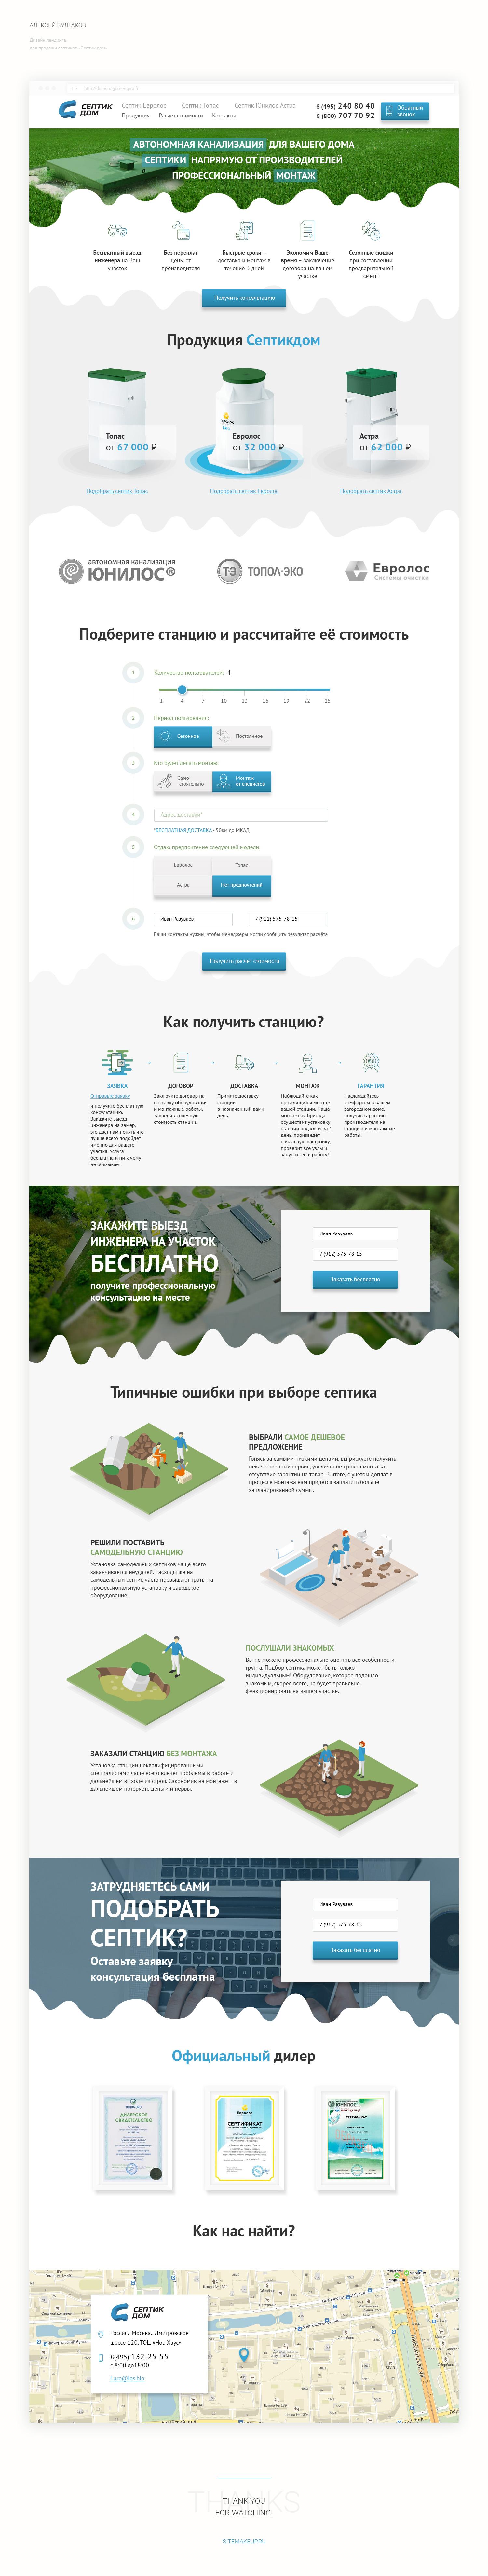 Дизайн лендинга для продажи септиков «Септик дом»